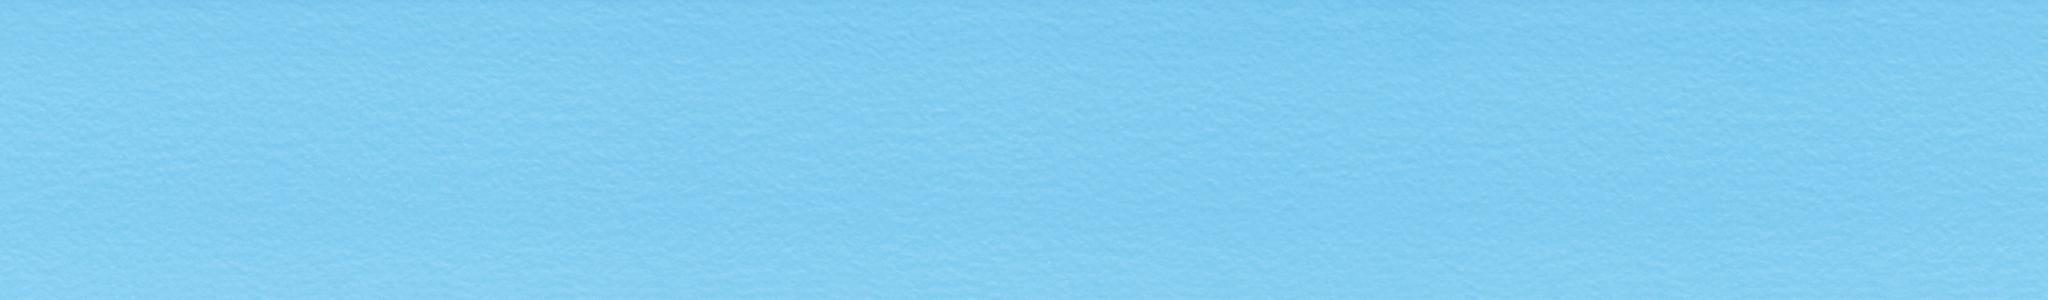 HU 154815 кромка ABS синяя жемчуг тонкая структура 107